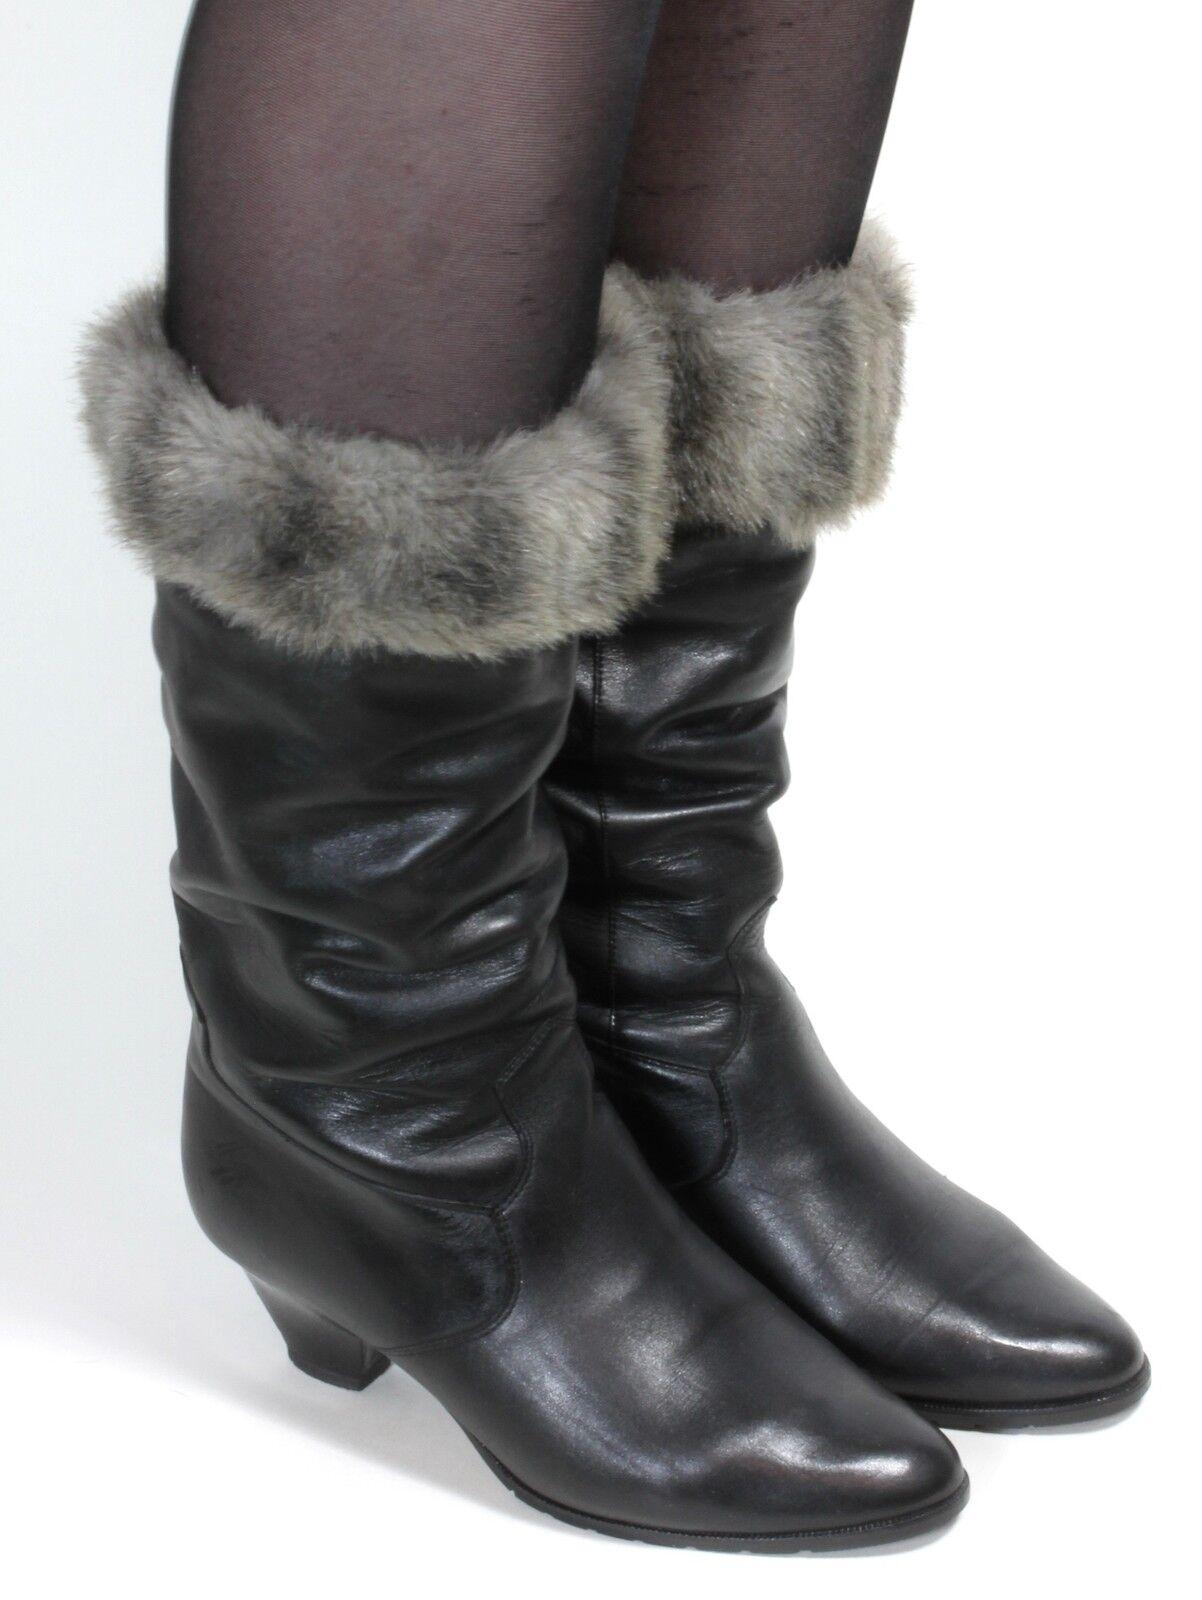 Cuero vintage botas señora botas blogueros blogueros blogueros fakefur botas de invierno las libélulas 36,5-37  tienda